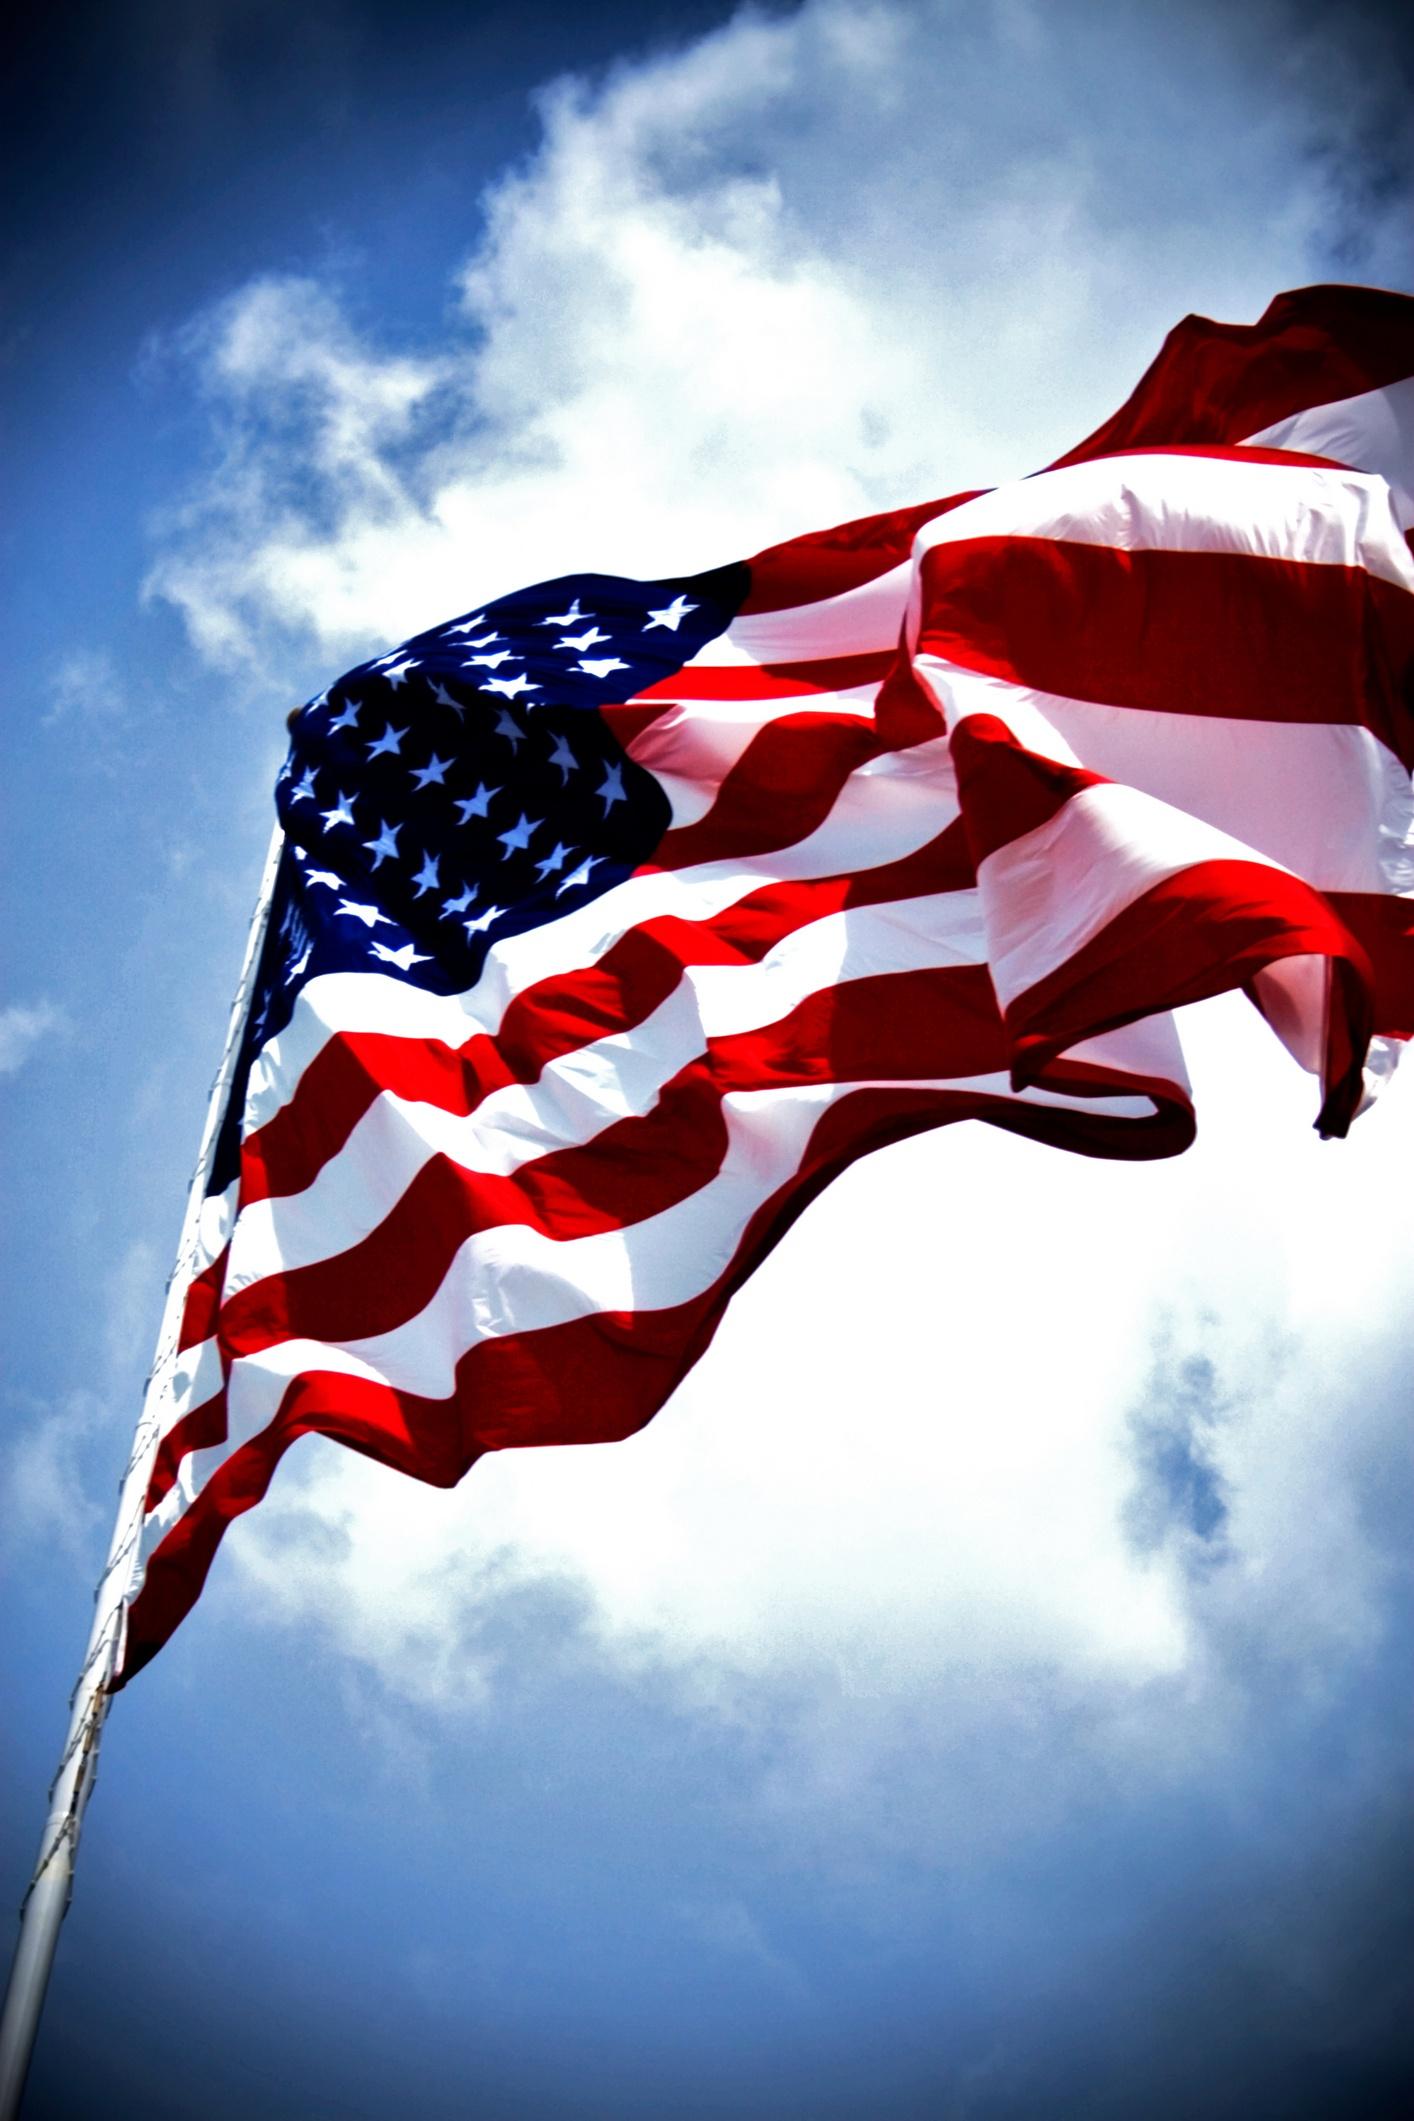 بالصور صور علم امريكا , مجموعة من الصور المختلفة لعلم دولة امريكا 912 1